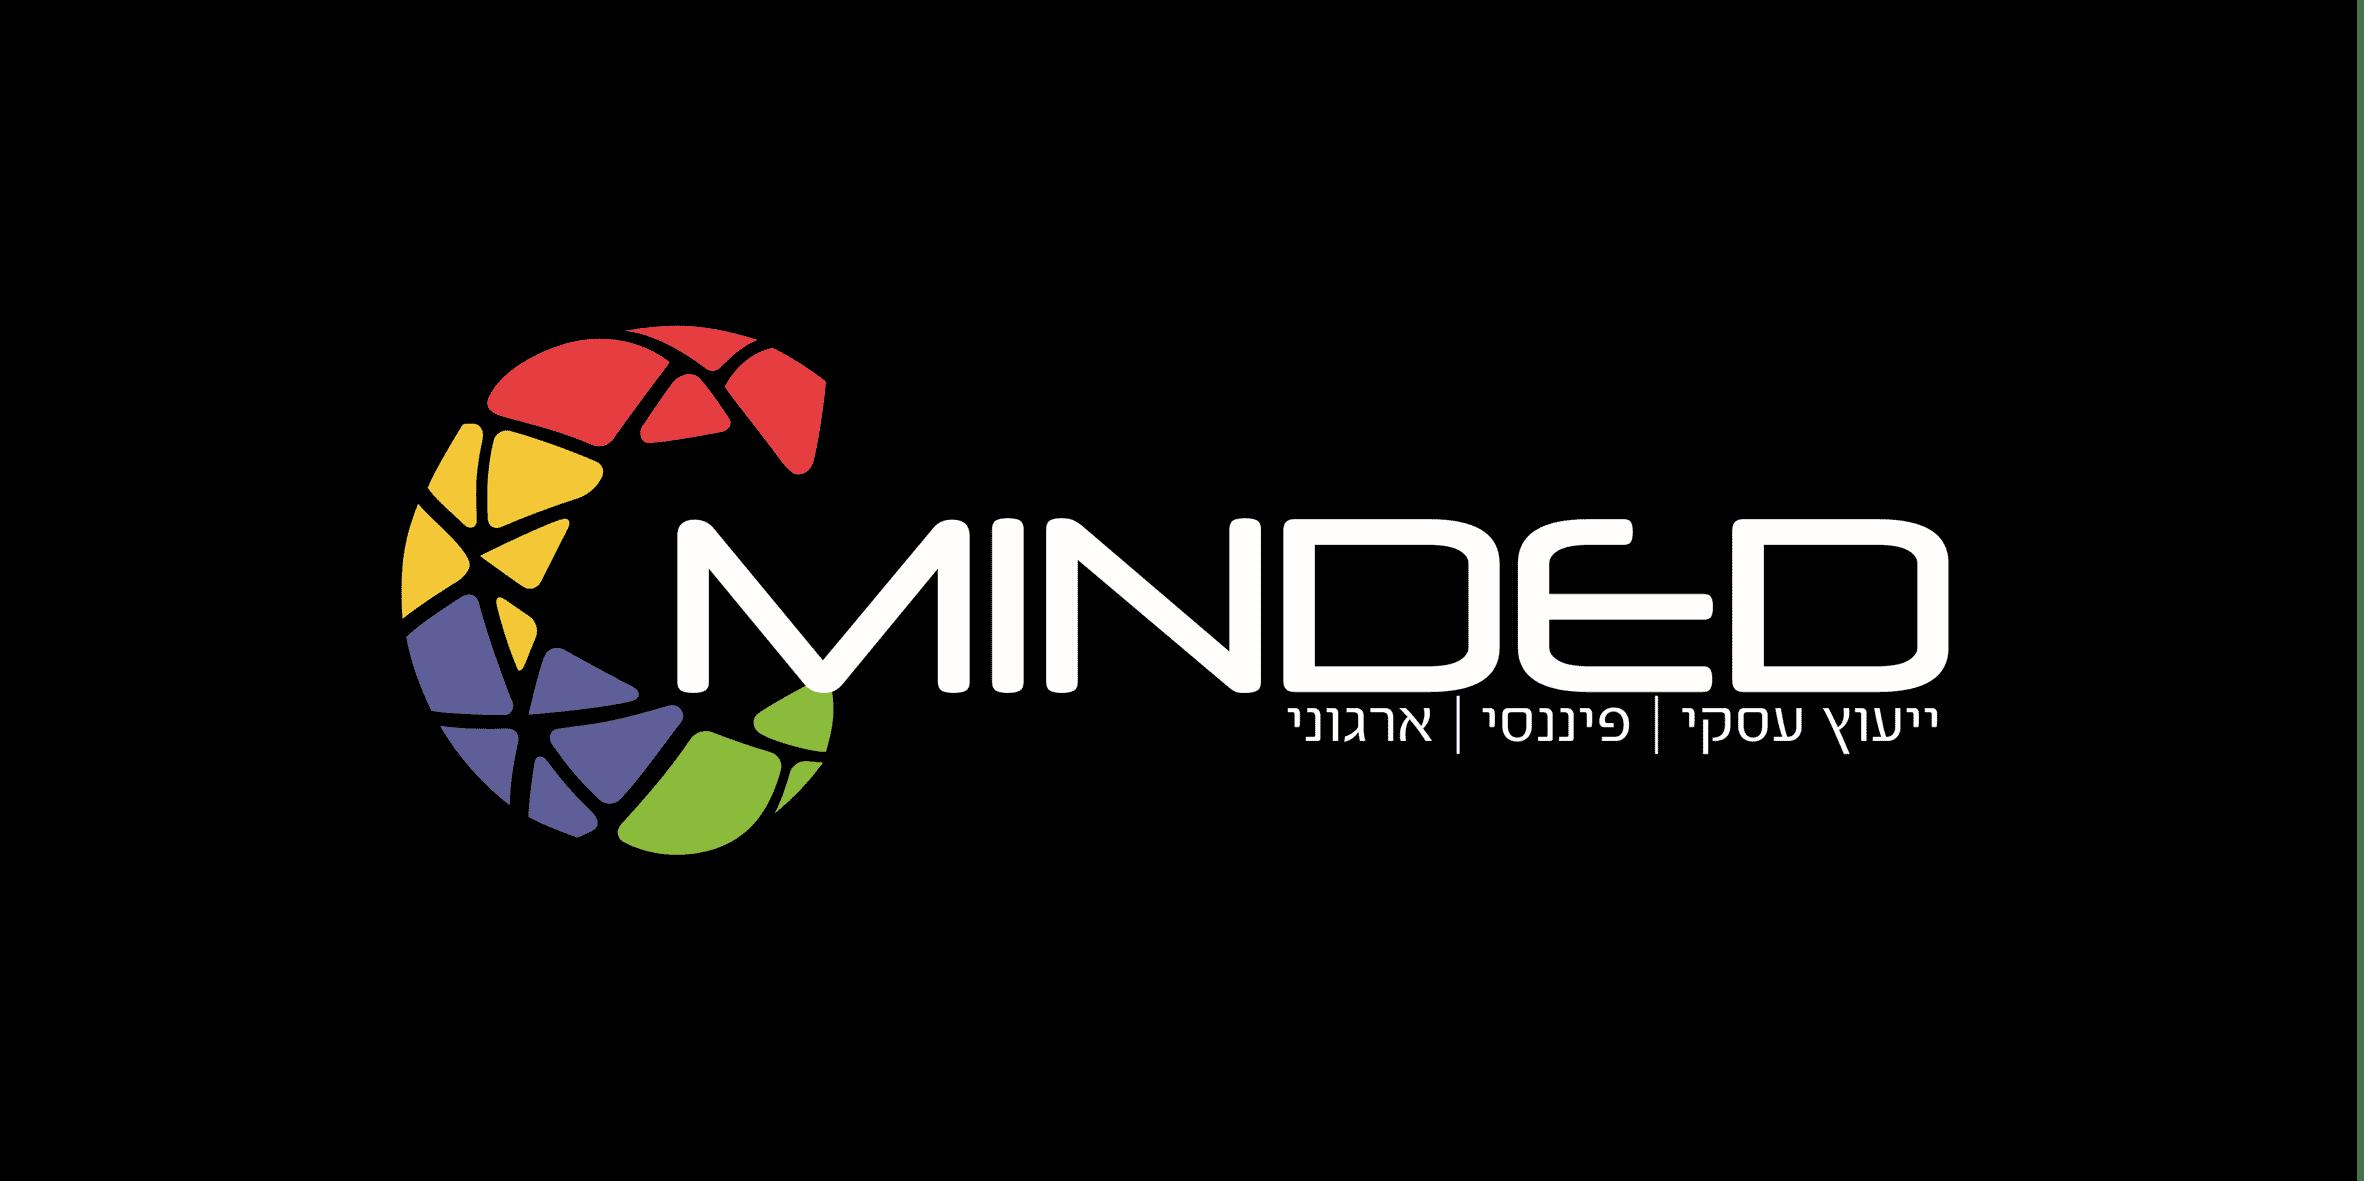 מינדד - ייעוץ עסקי | לוגו אתר